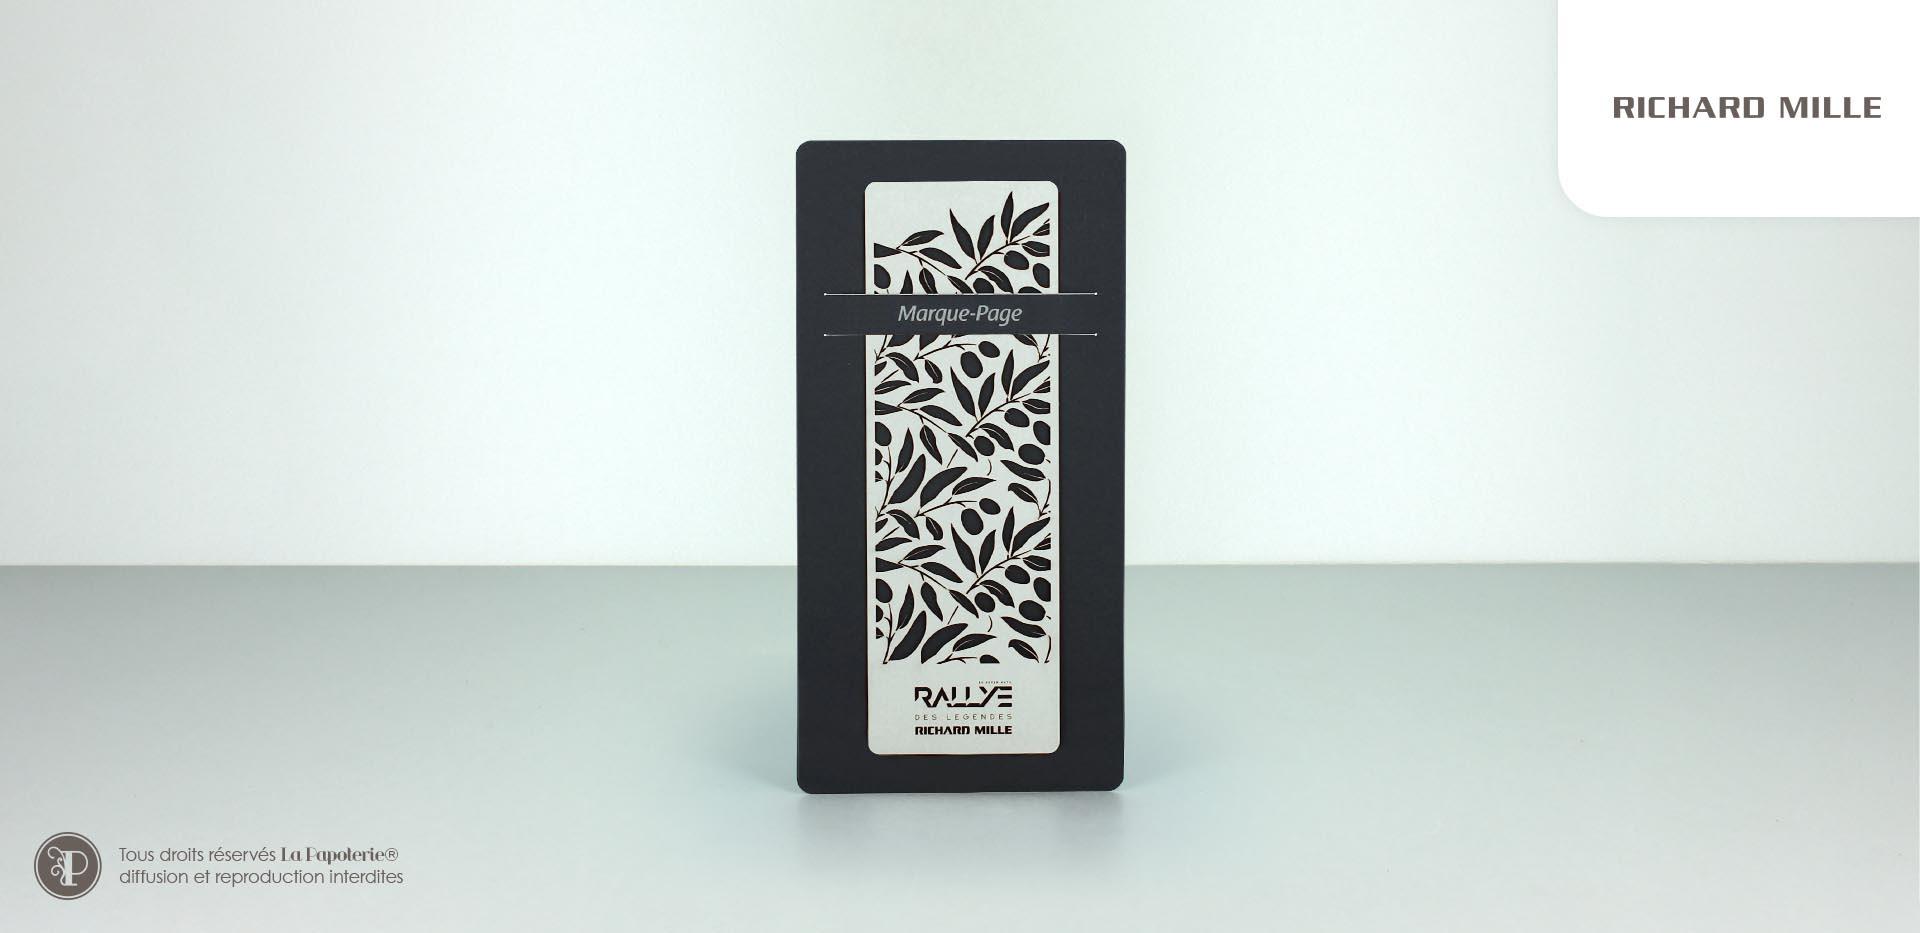 La Papoterie richard-mille-marque-page Richard Mille XL bookmark